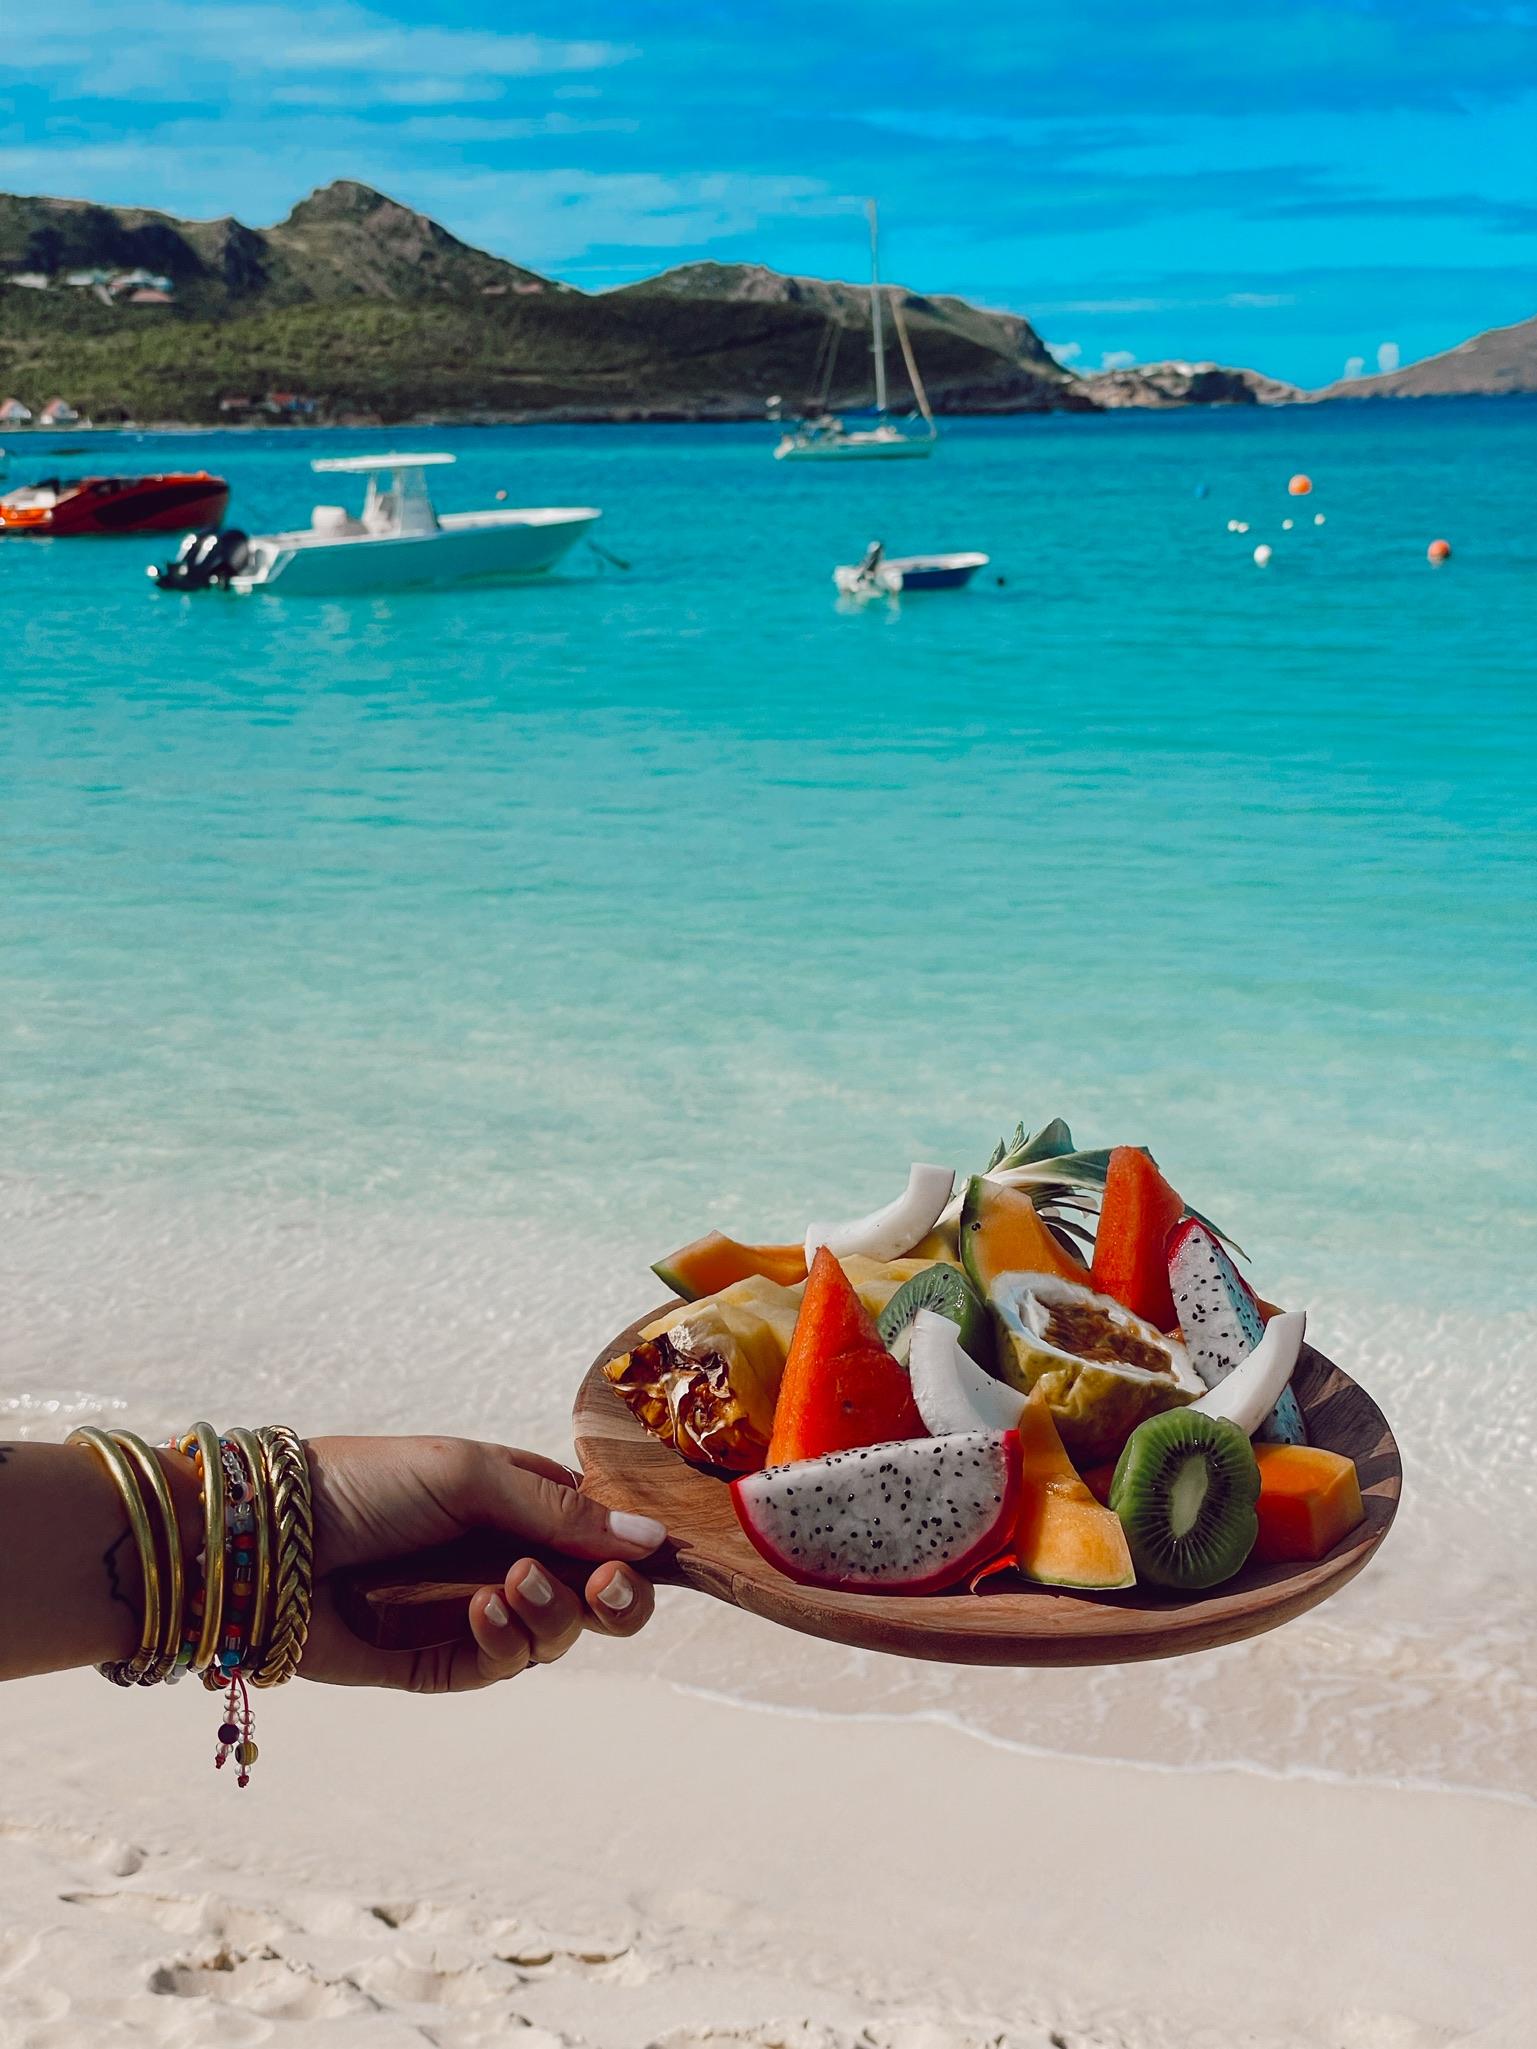 Carribean fruit platter to share